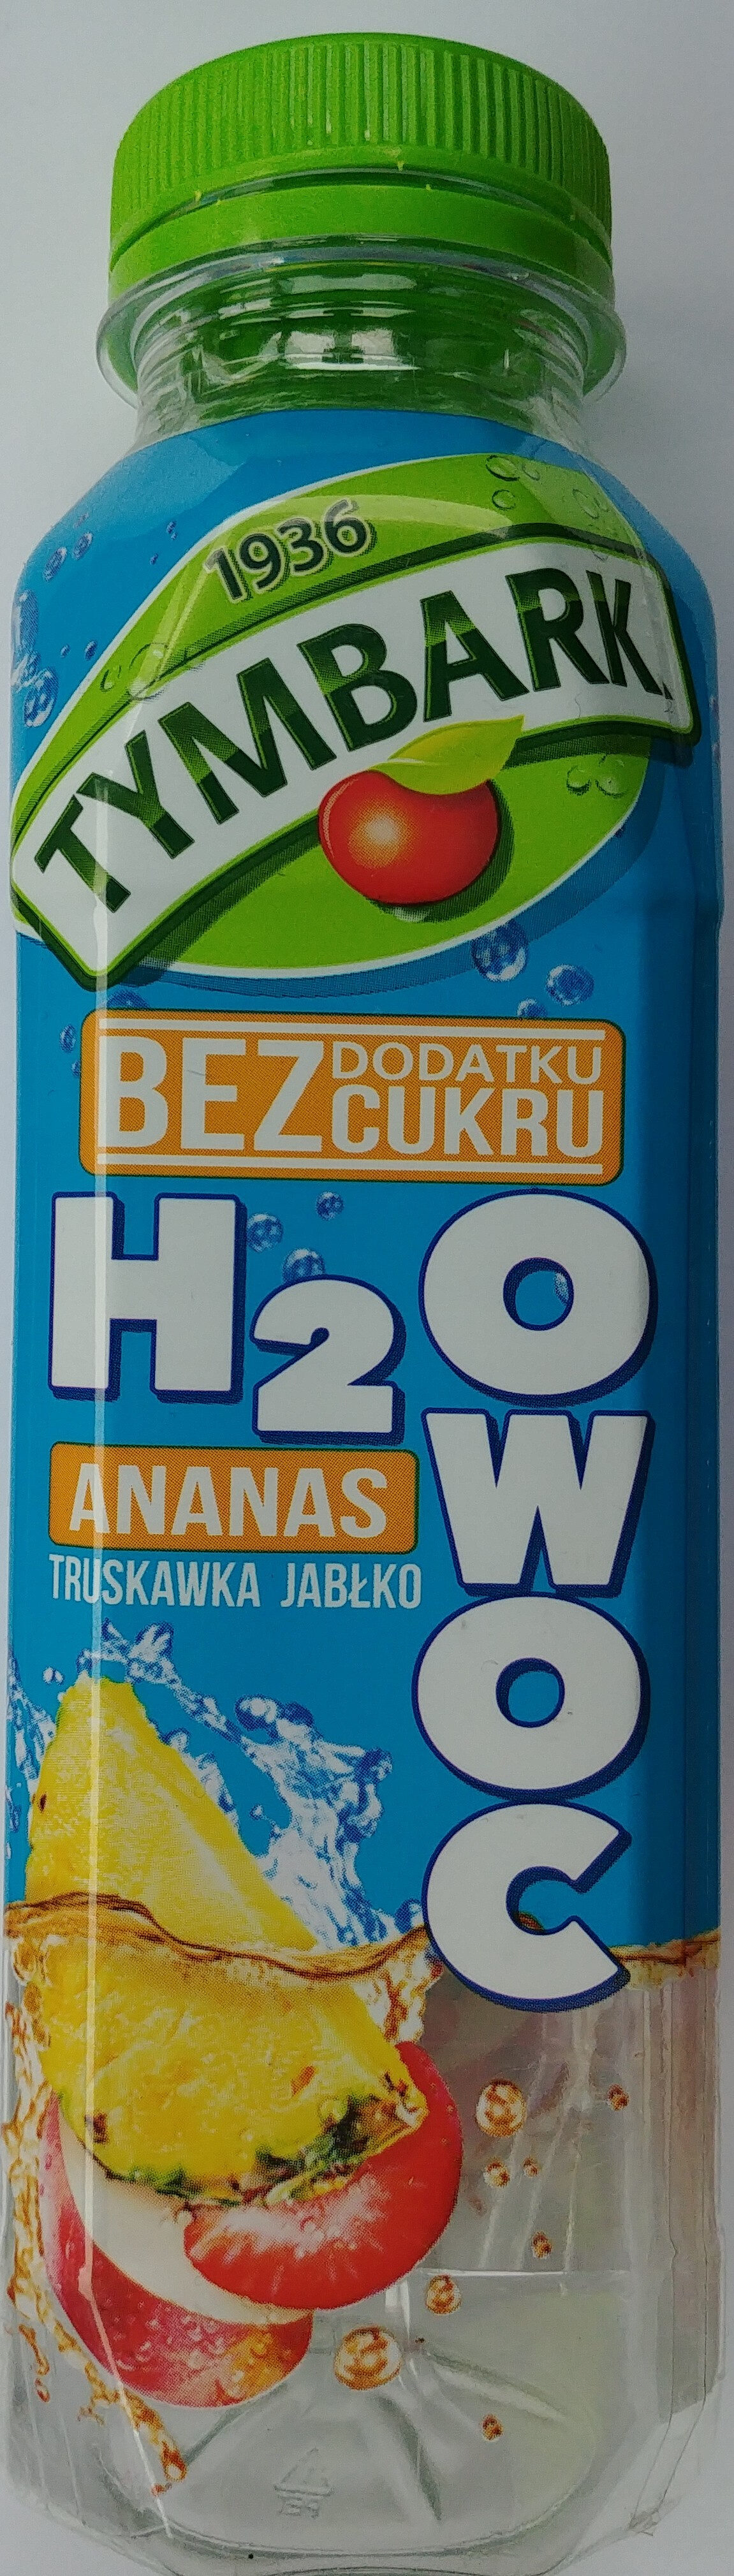 Napój z jabłek, truskawek i ananasów z witaminą C. - Produkt - pl